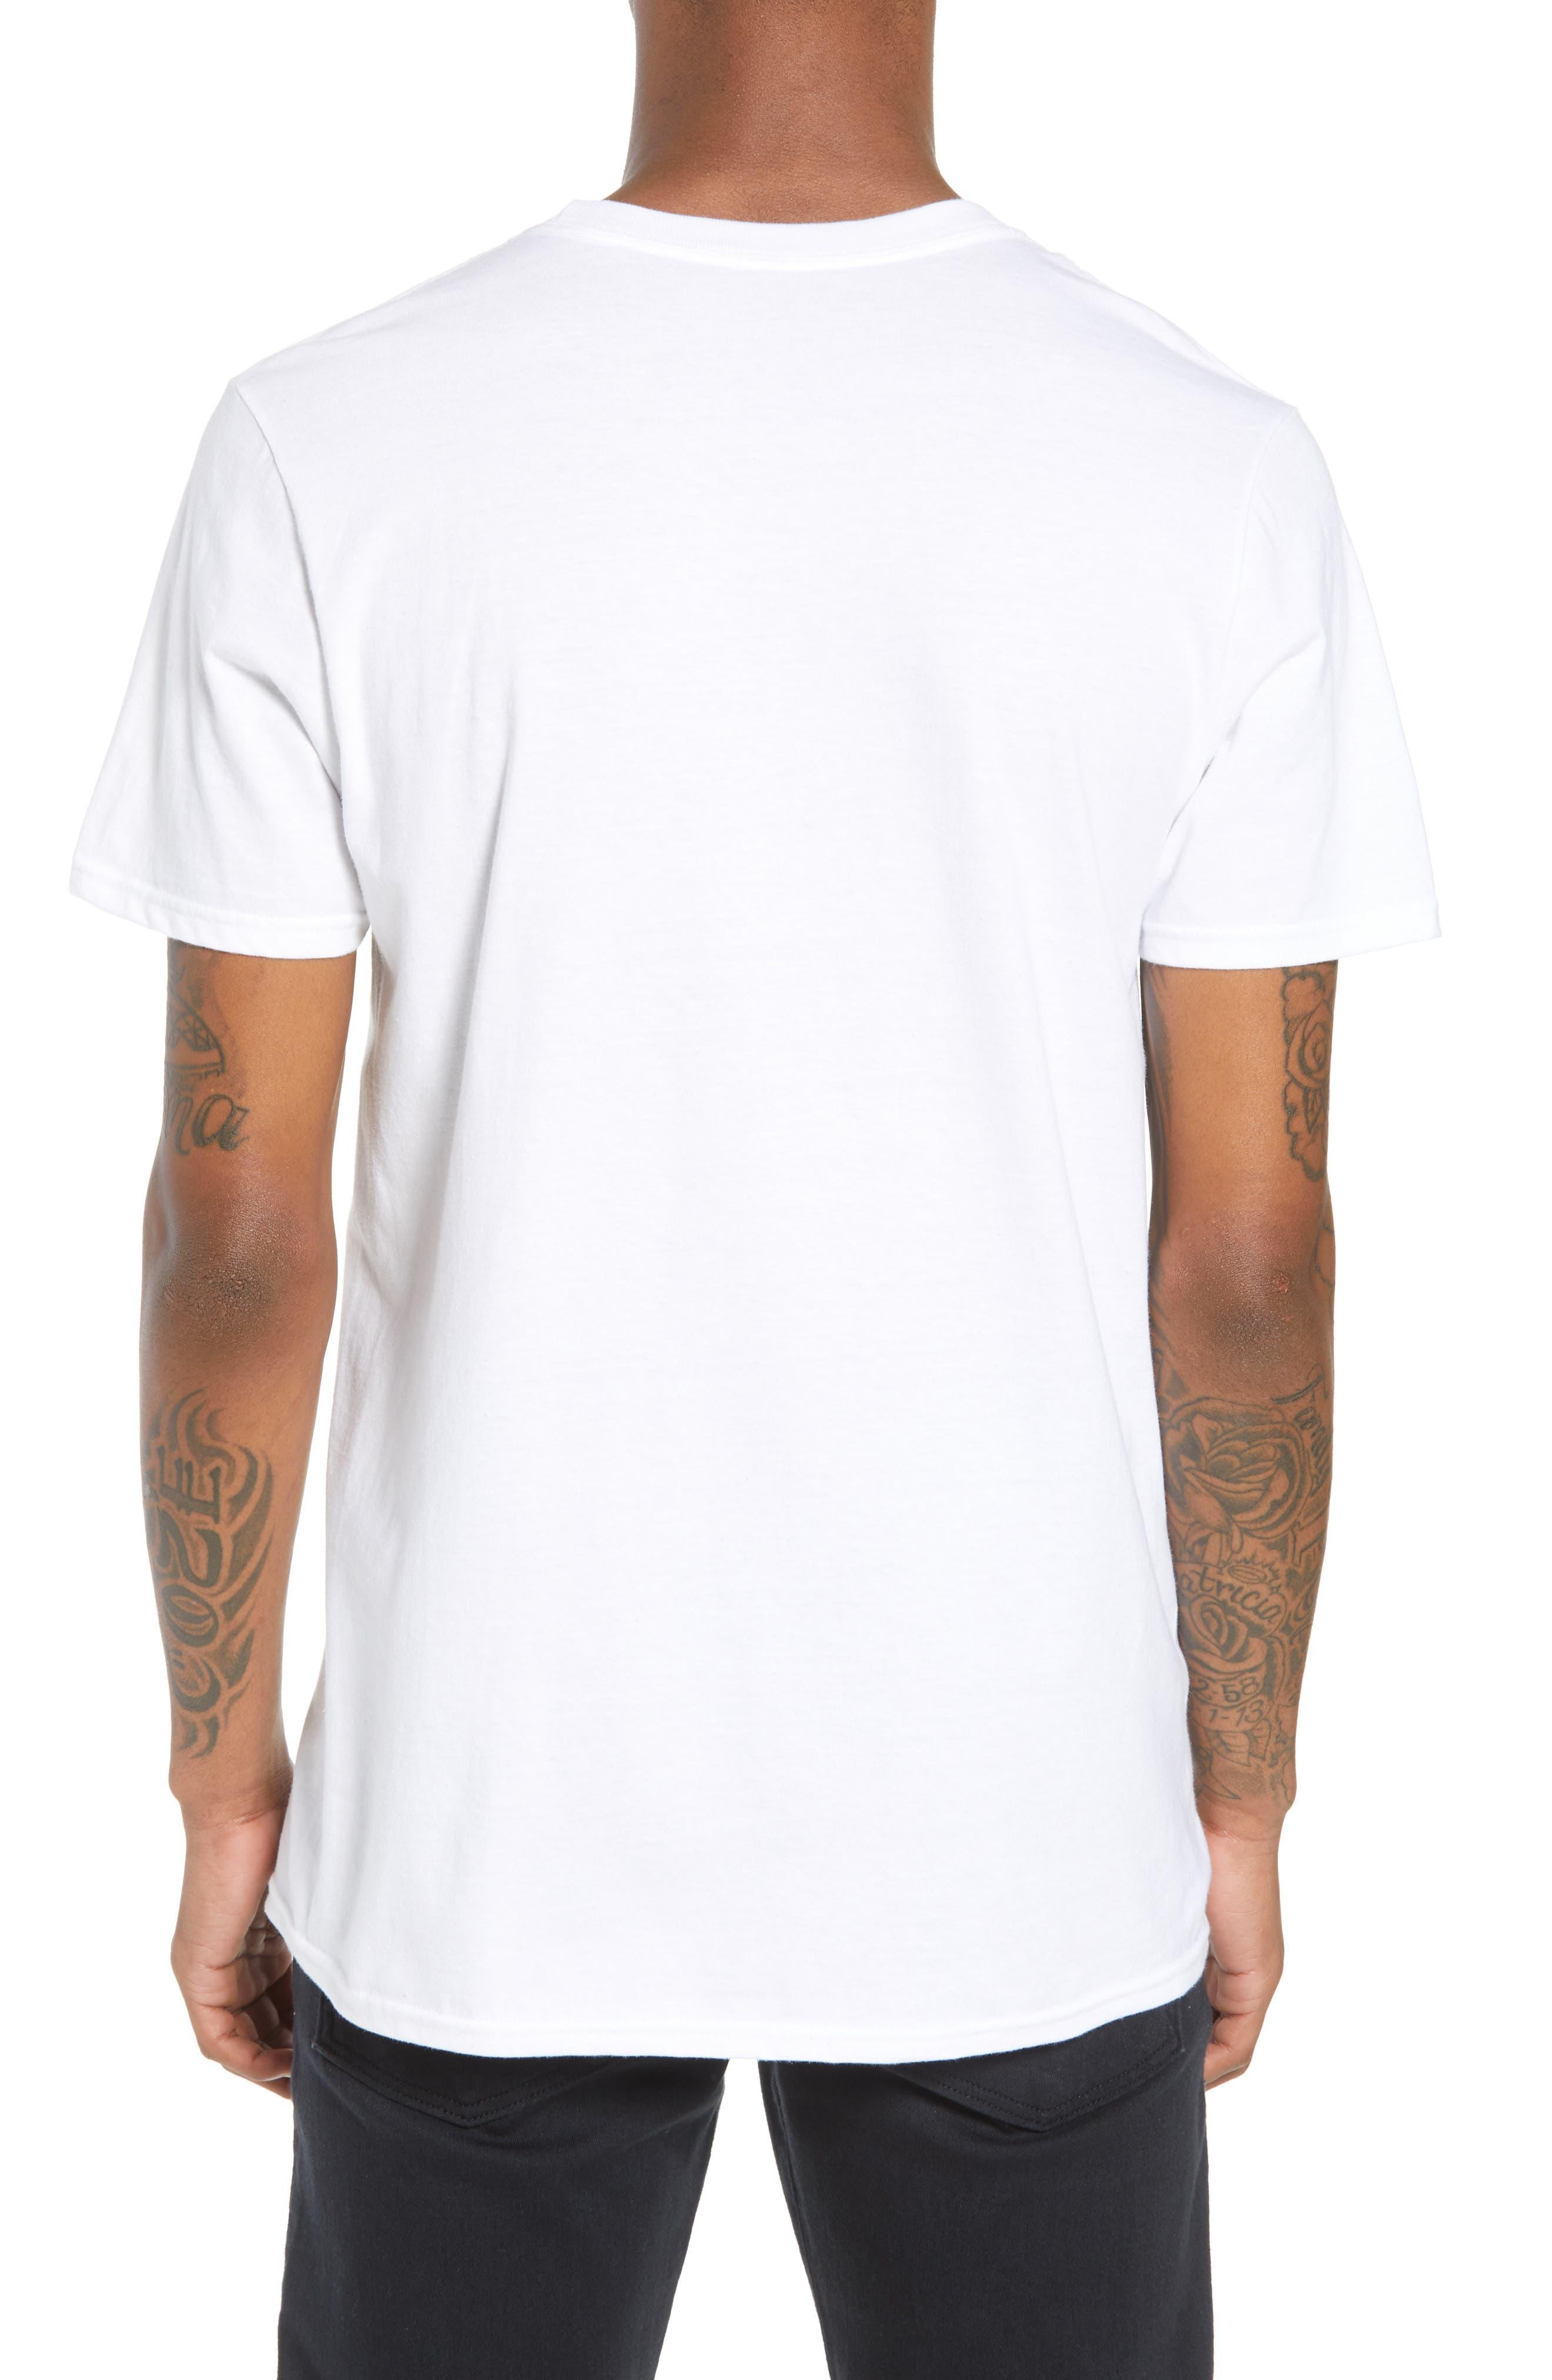 Run-DMC T-Shirt,                             Alternate thumbnail 2, color,                             White Tee Run Dmc